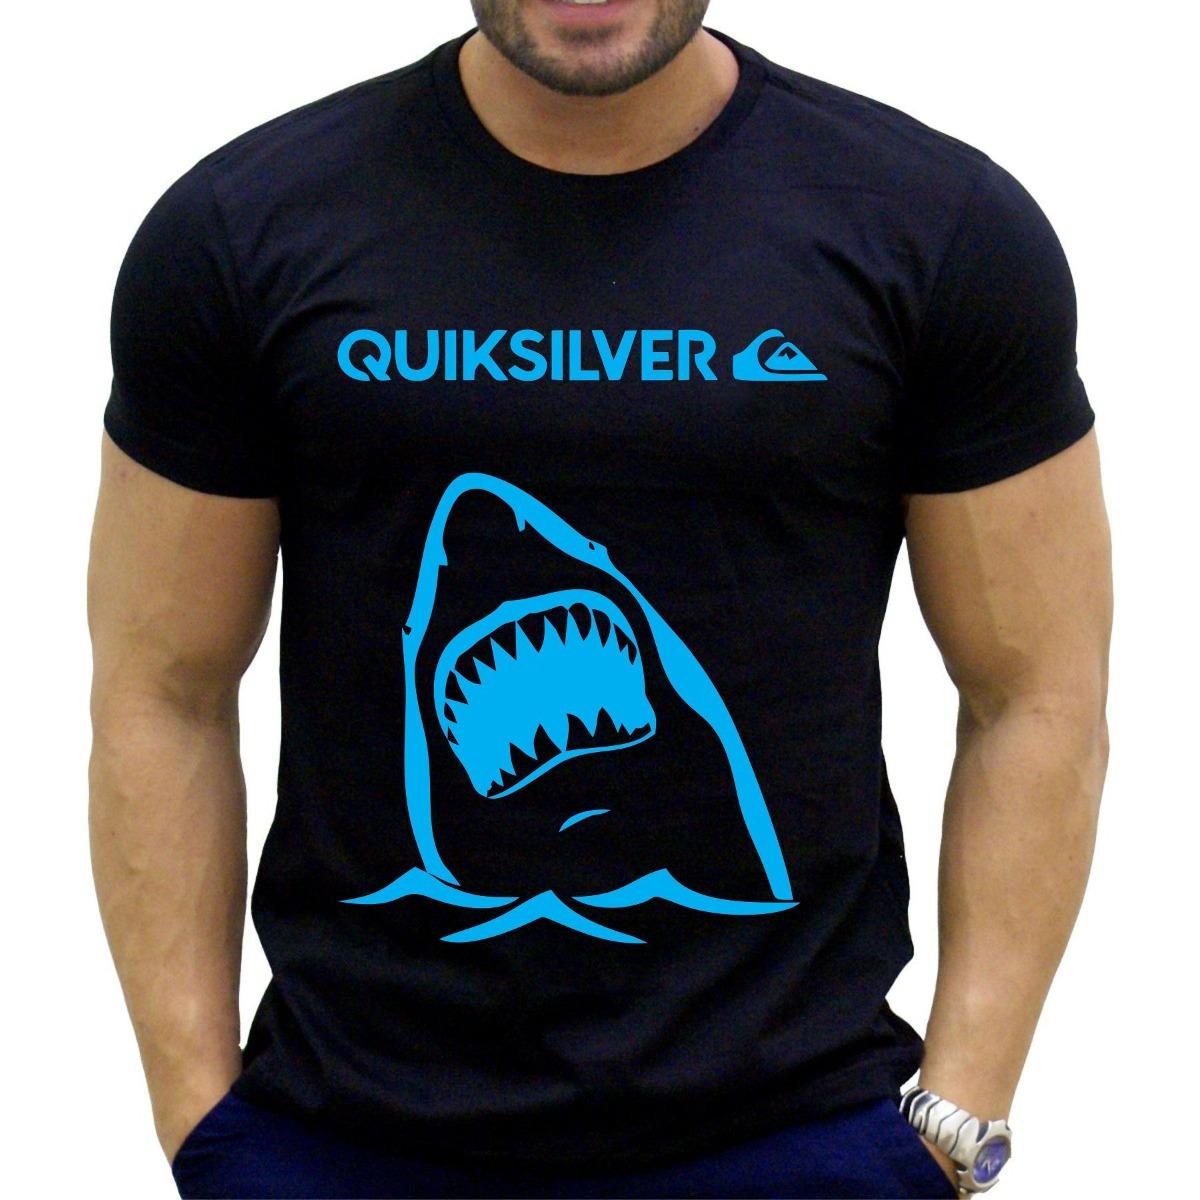 camisa camiseta quiksilver surfista lançamento promoção. Carregando zoom. 1bec84063458